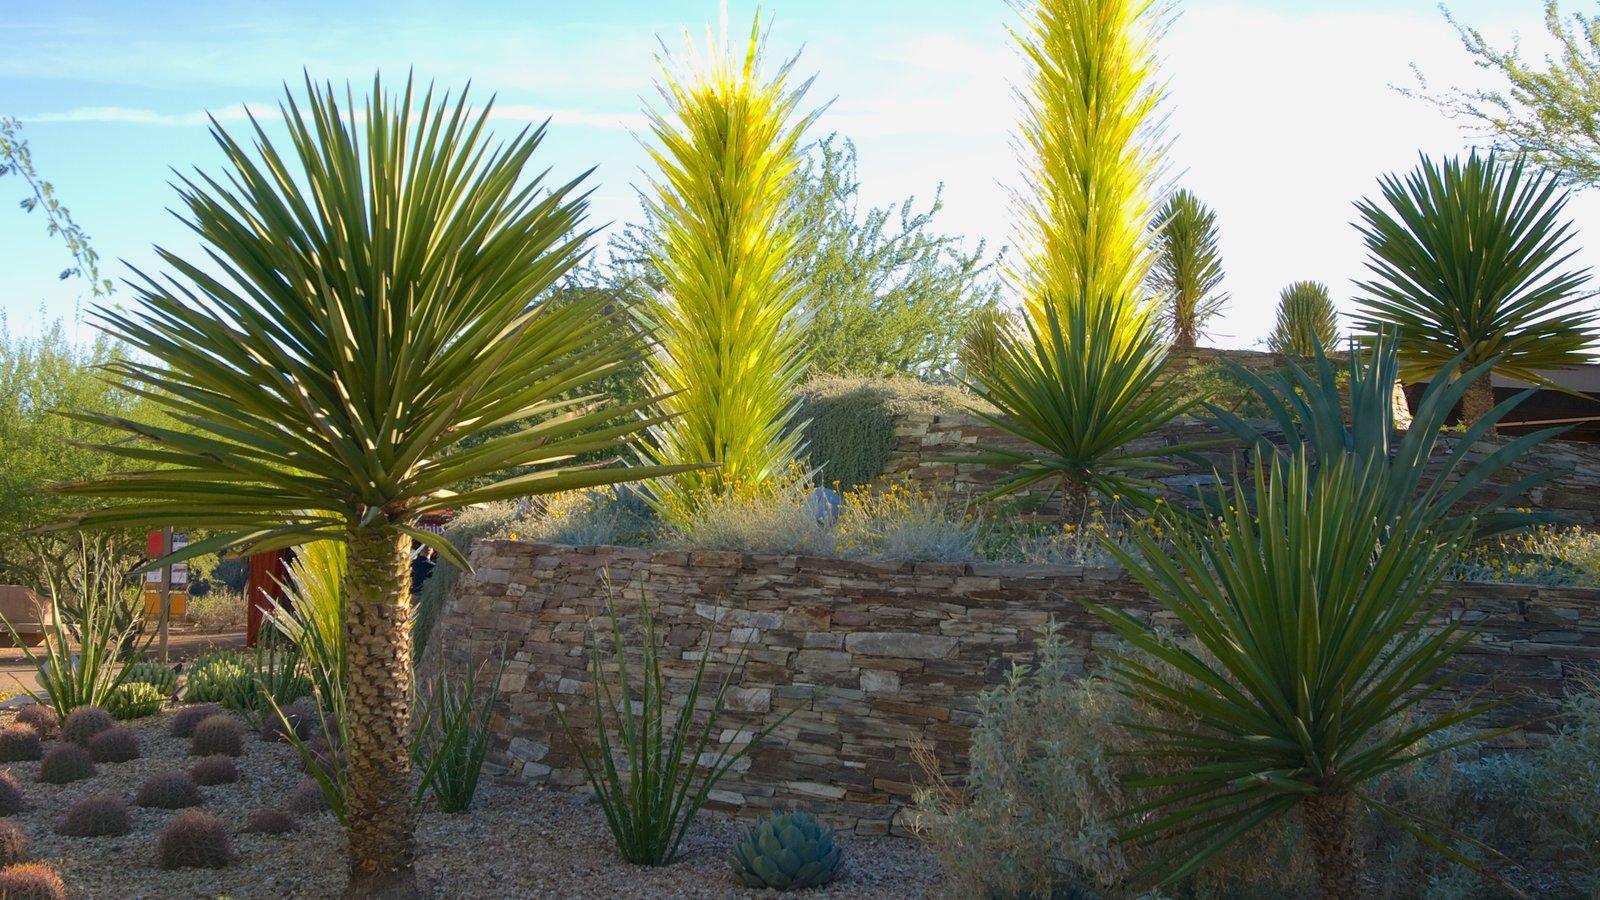 Desert Botanical Garden que inclui um parque e paisagens do deserto